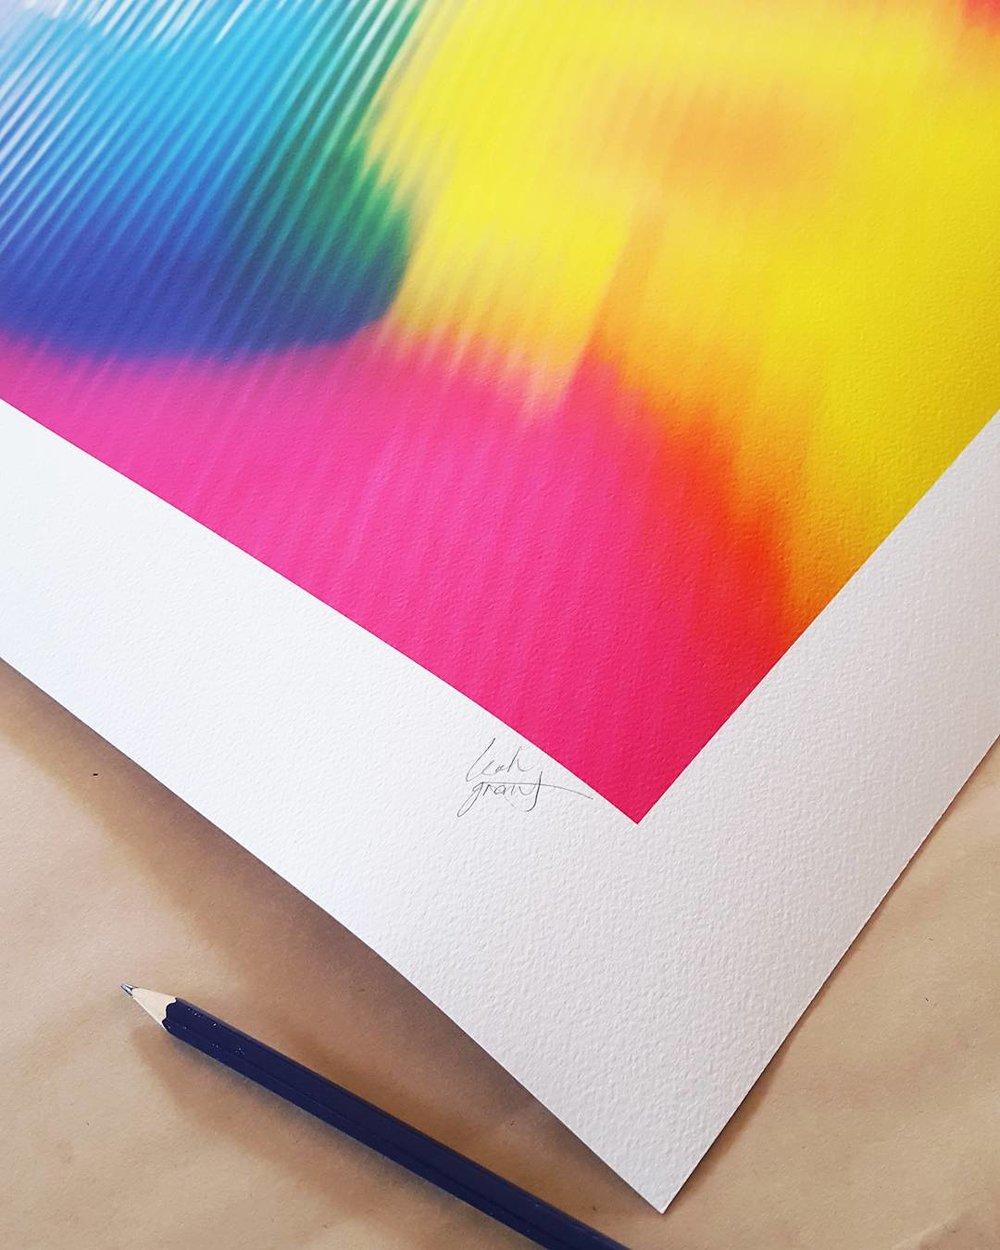 Signing Giclée Prints